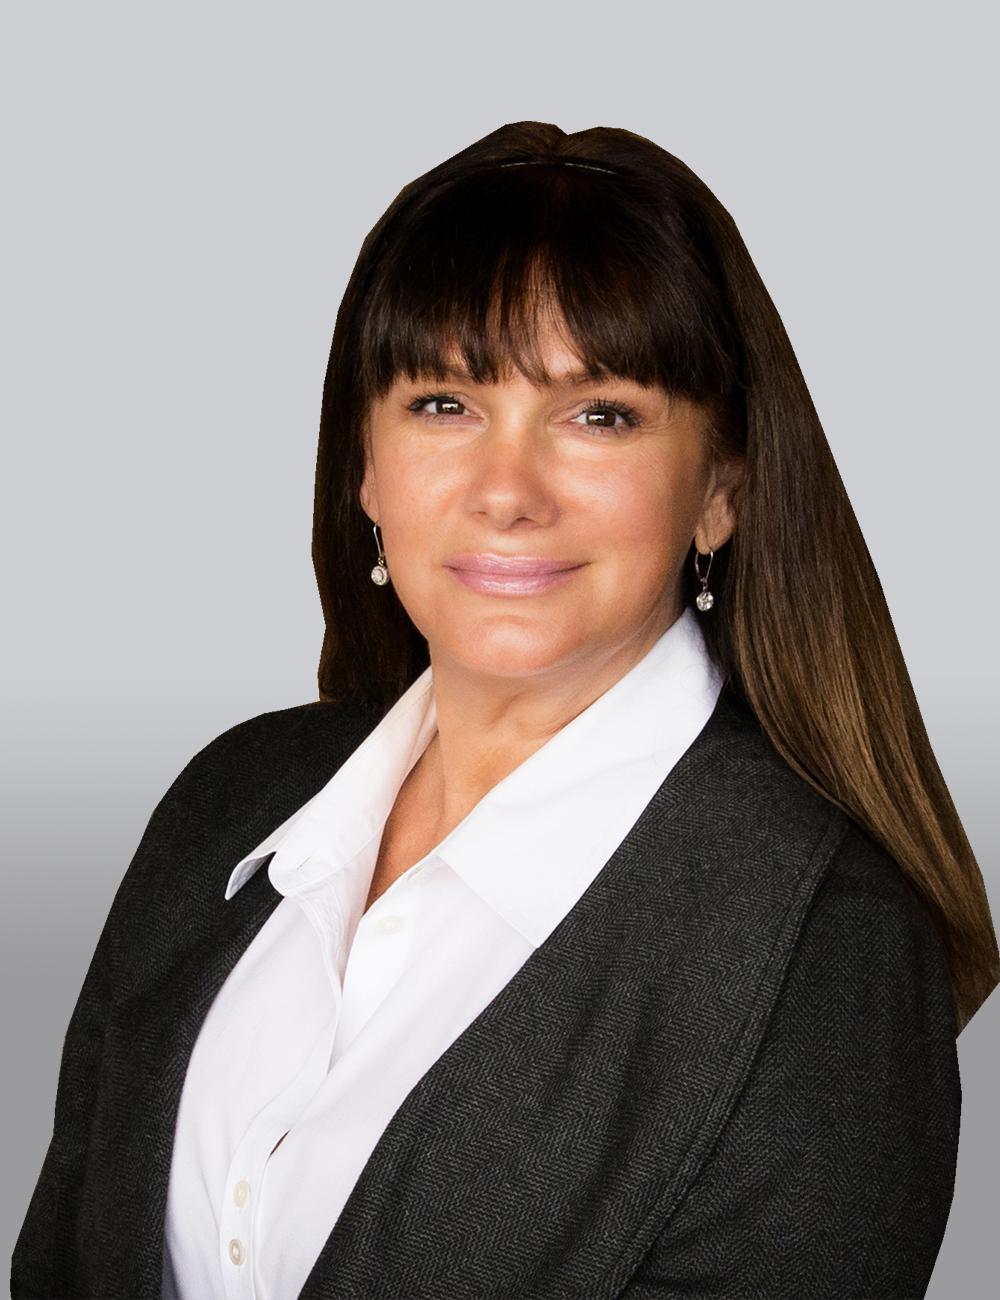 Lisa Viereck